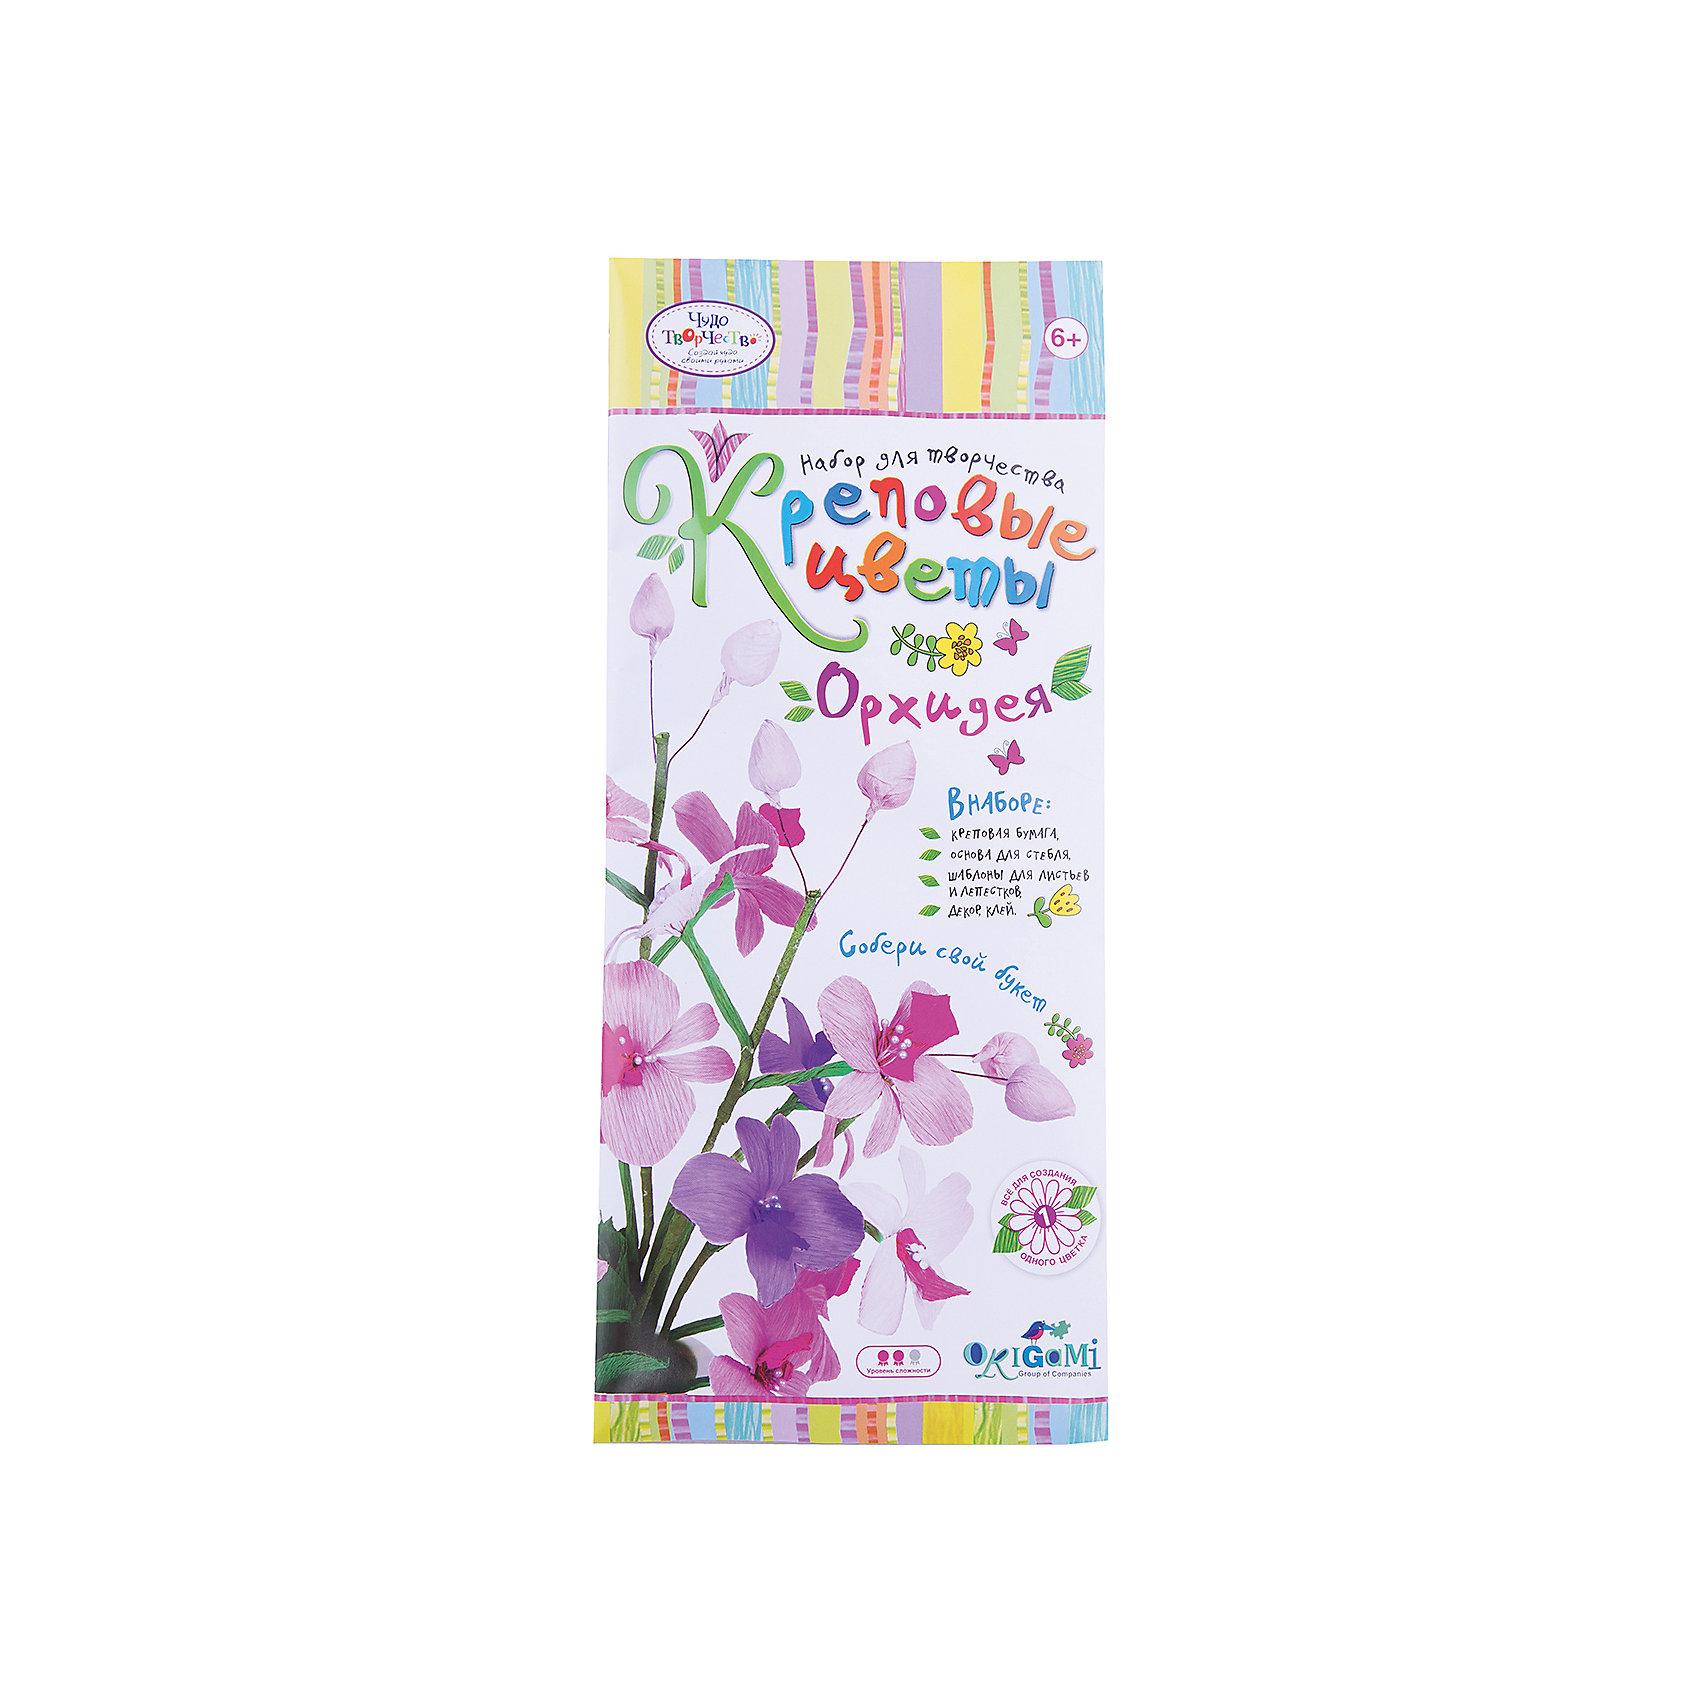 Чудо-Творчество Креповые цветы своими руками Орхидея 3 цвета в ассортименте.